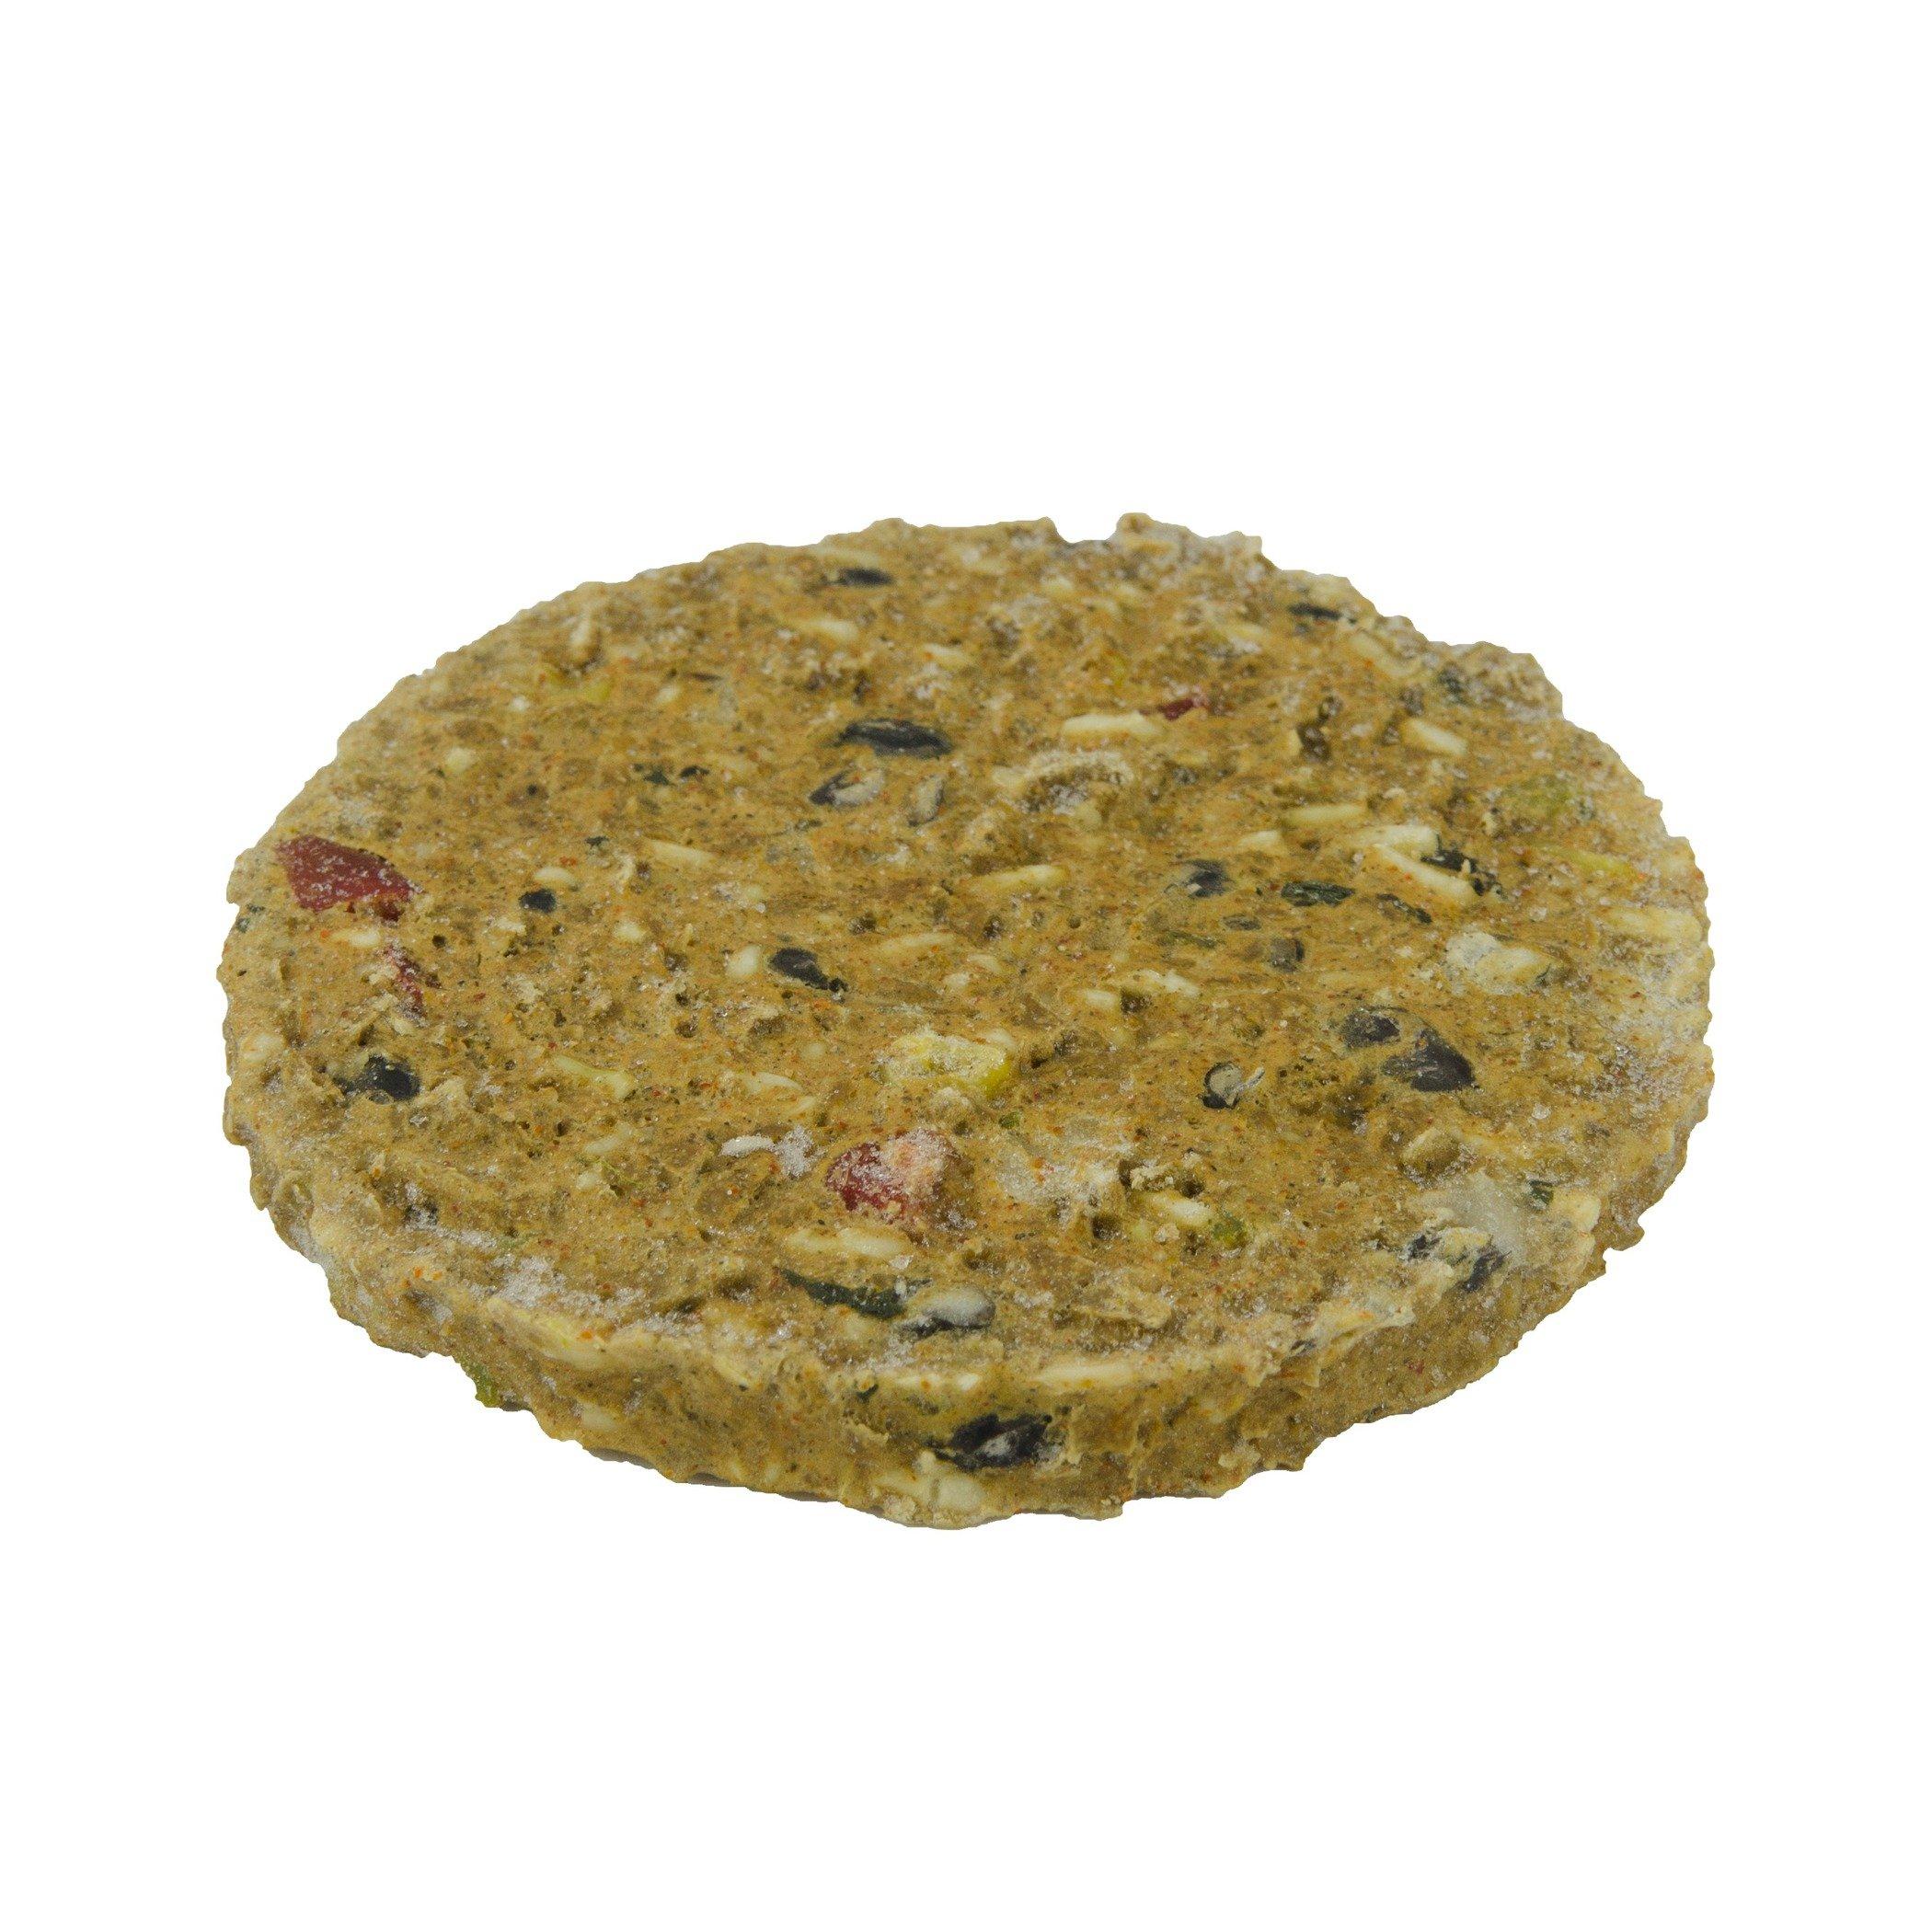 Garden Burger Veggie Burger, Black Bean, 3.4 oz, (48 count)